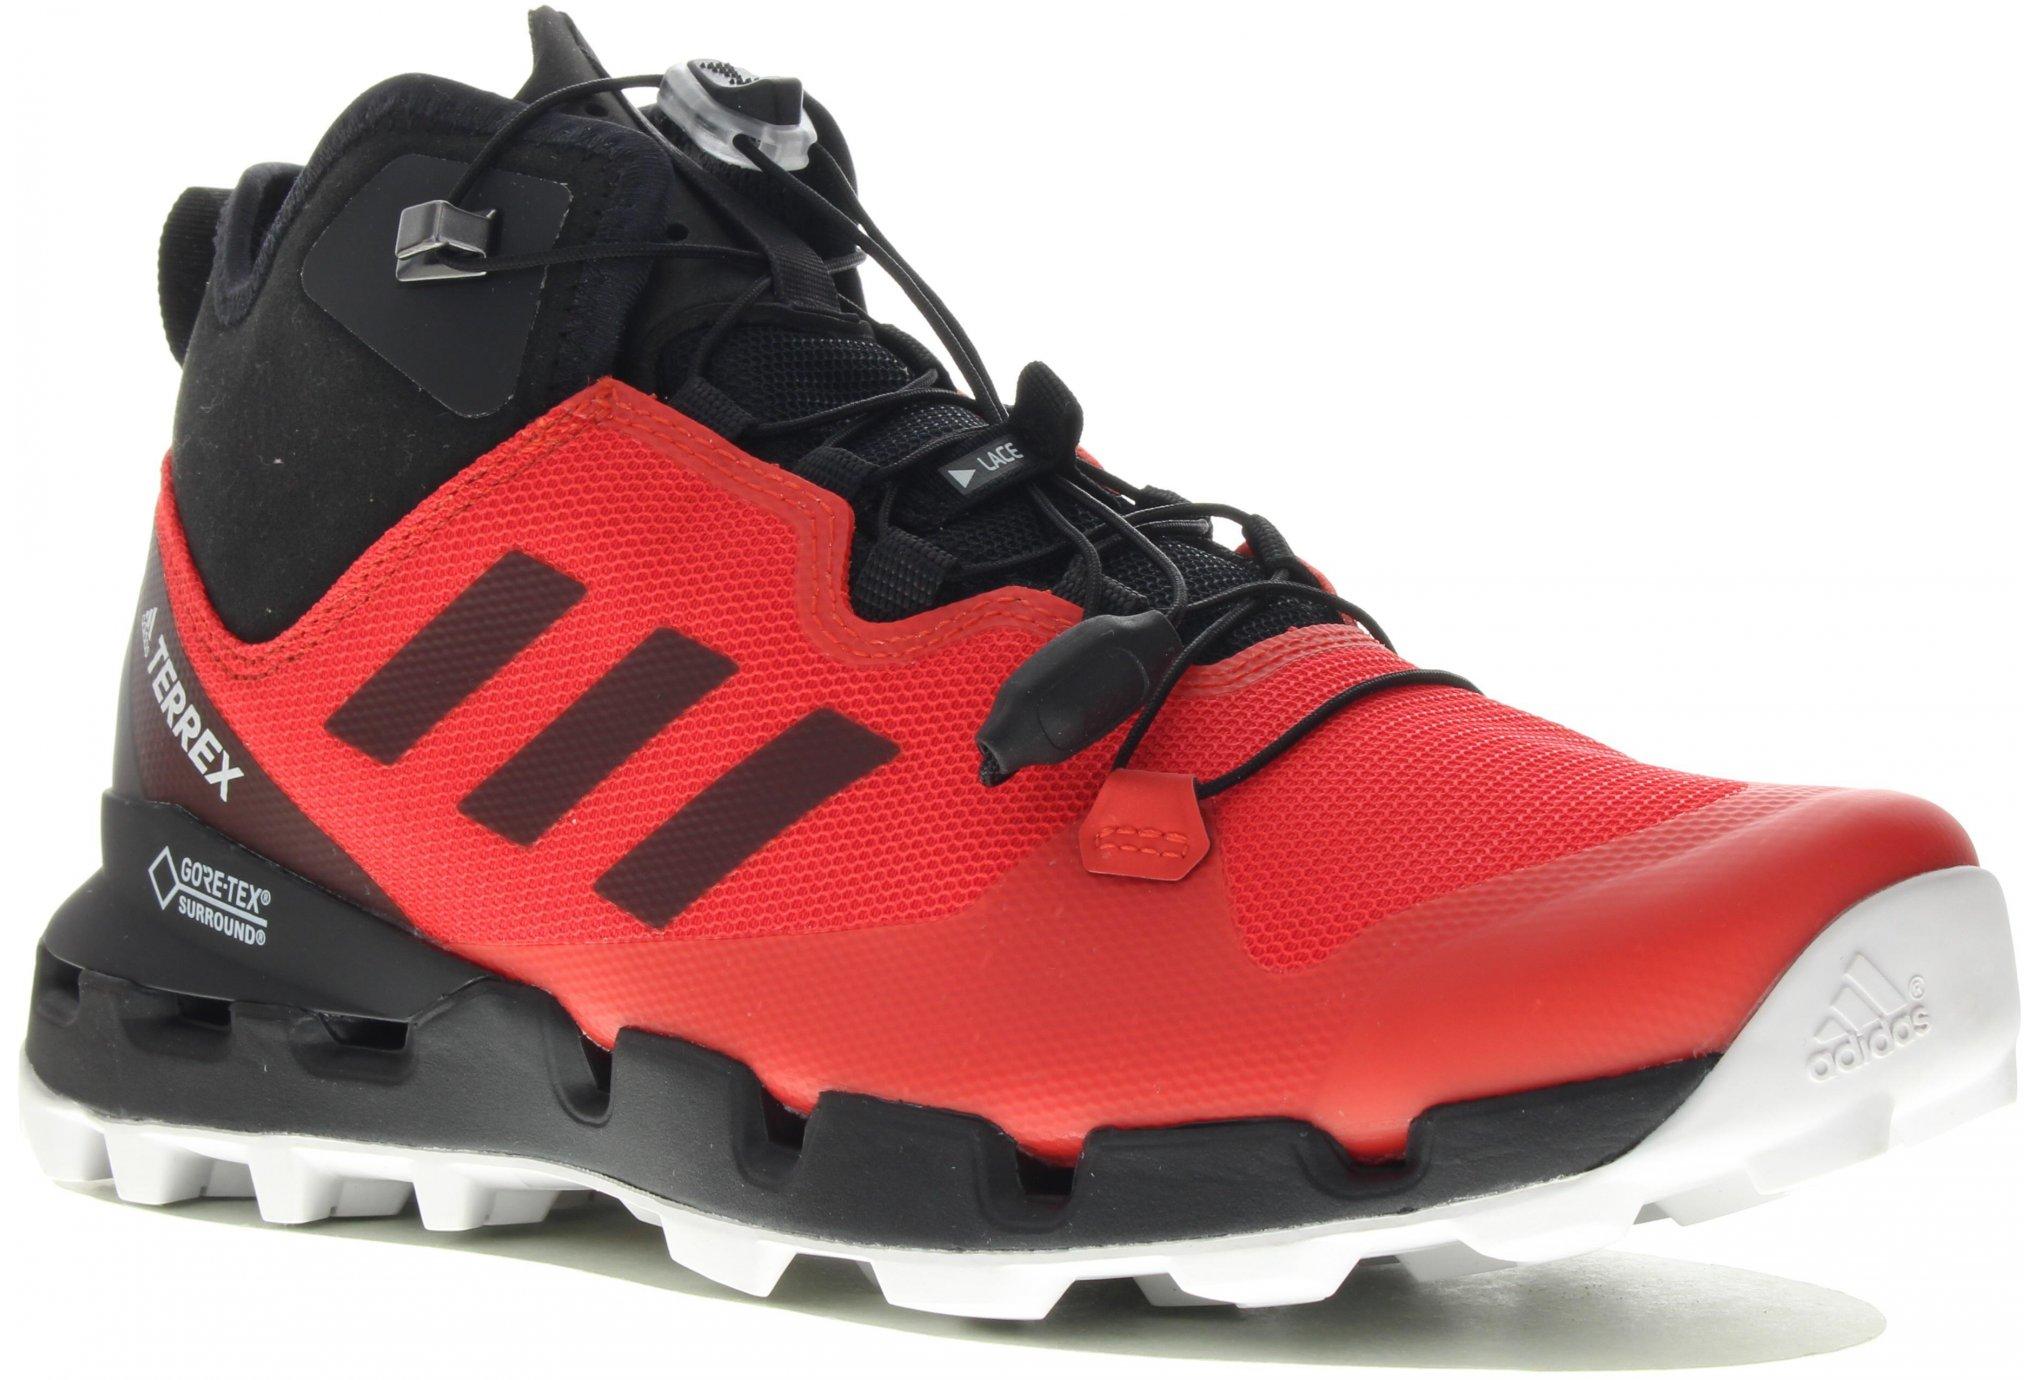 adidas Terrex Fast Mid Gore-Tex-Surround M Chaussures homme